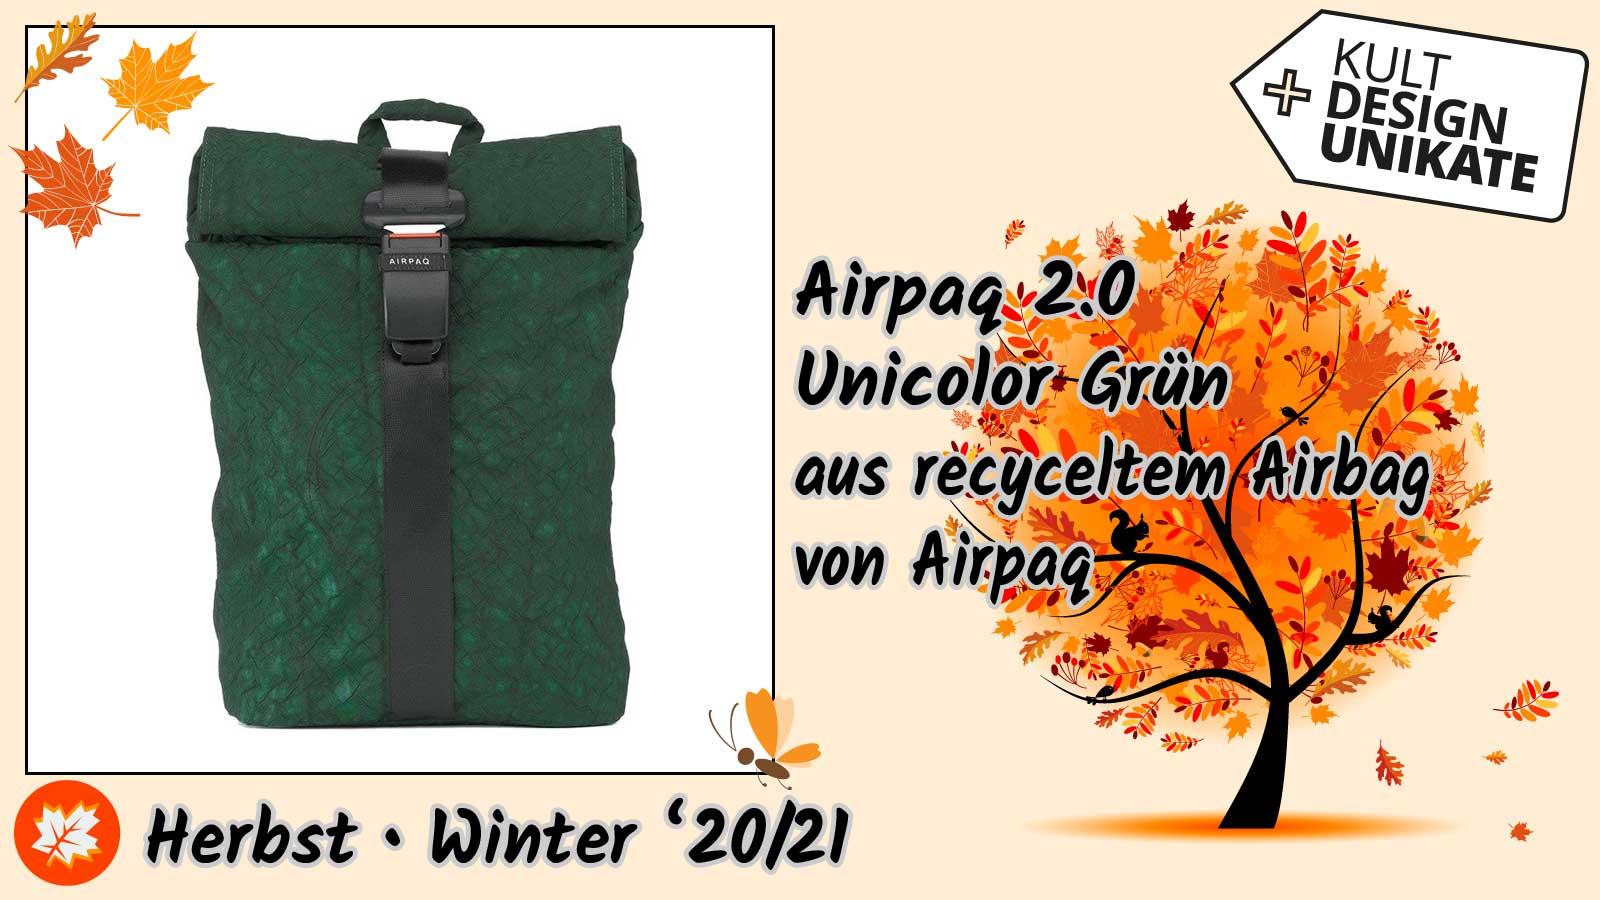 Airpaq-Airpaq-2.0-Unicolor-Gruen